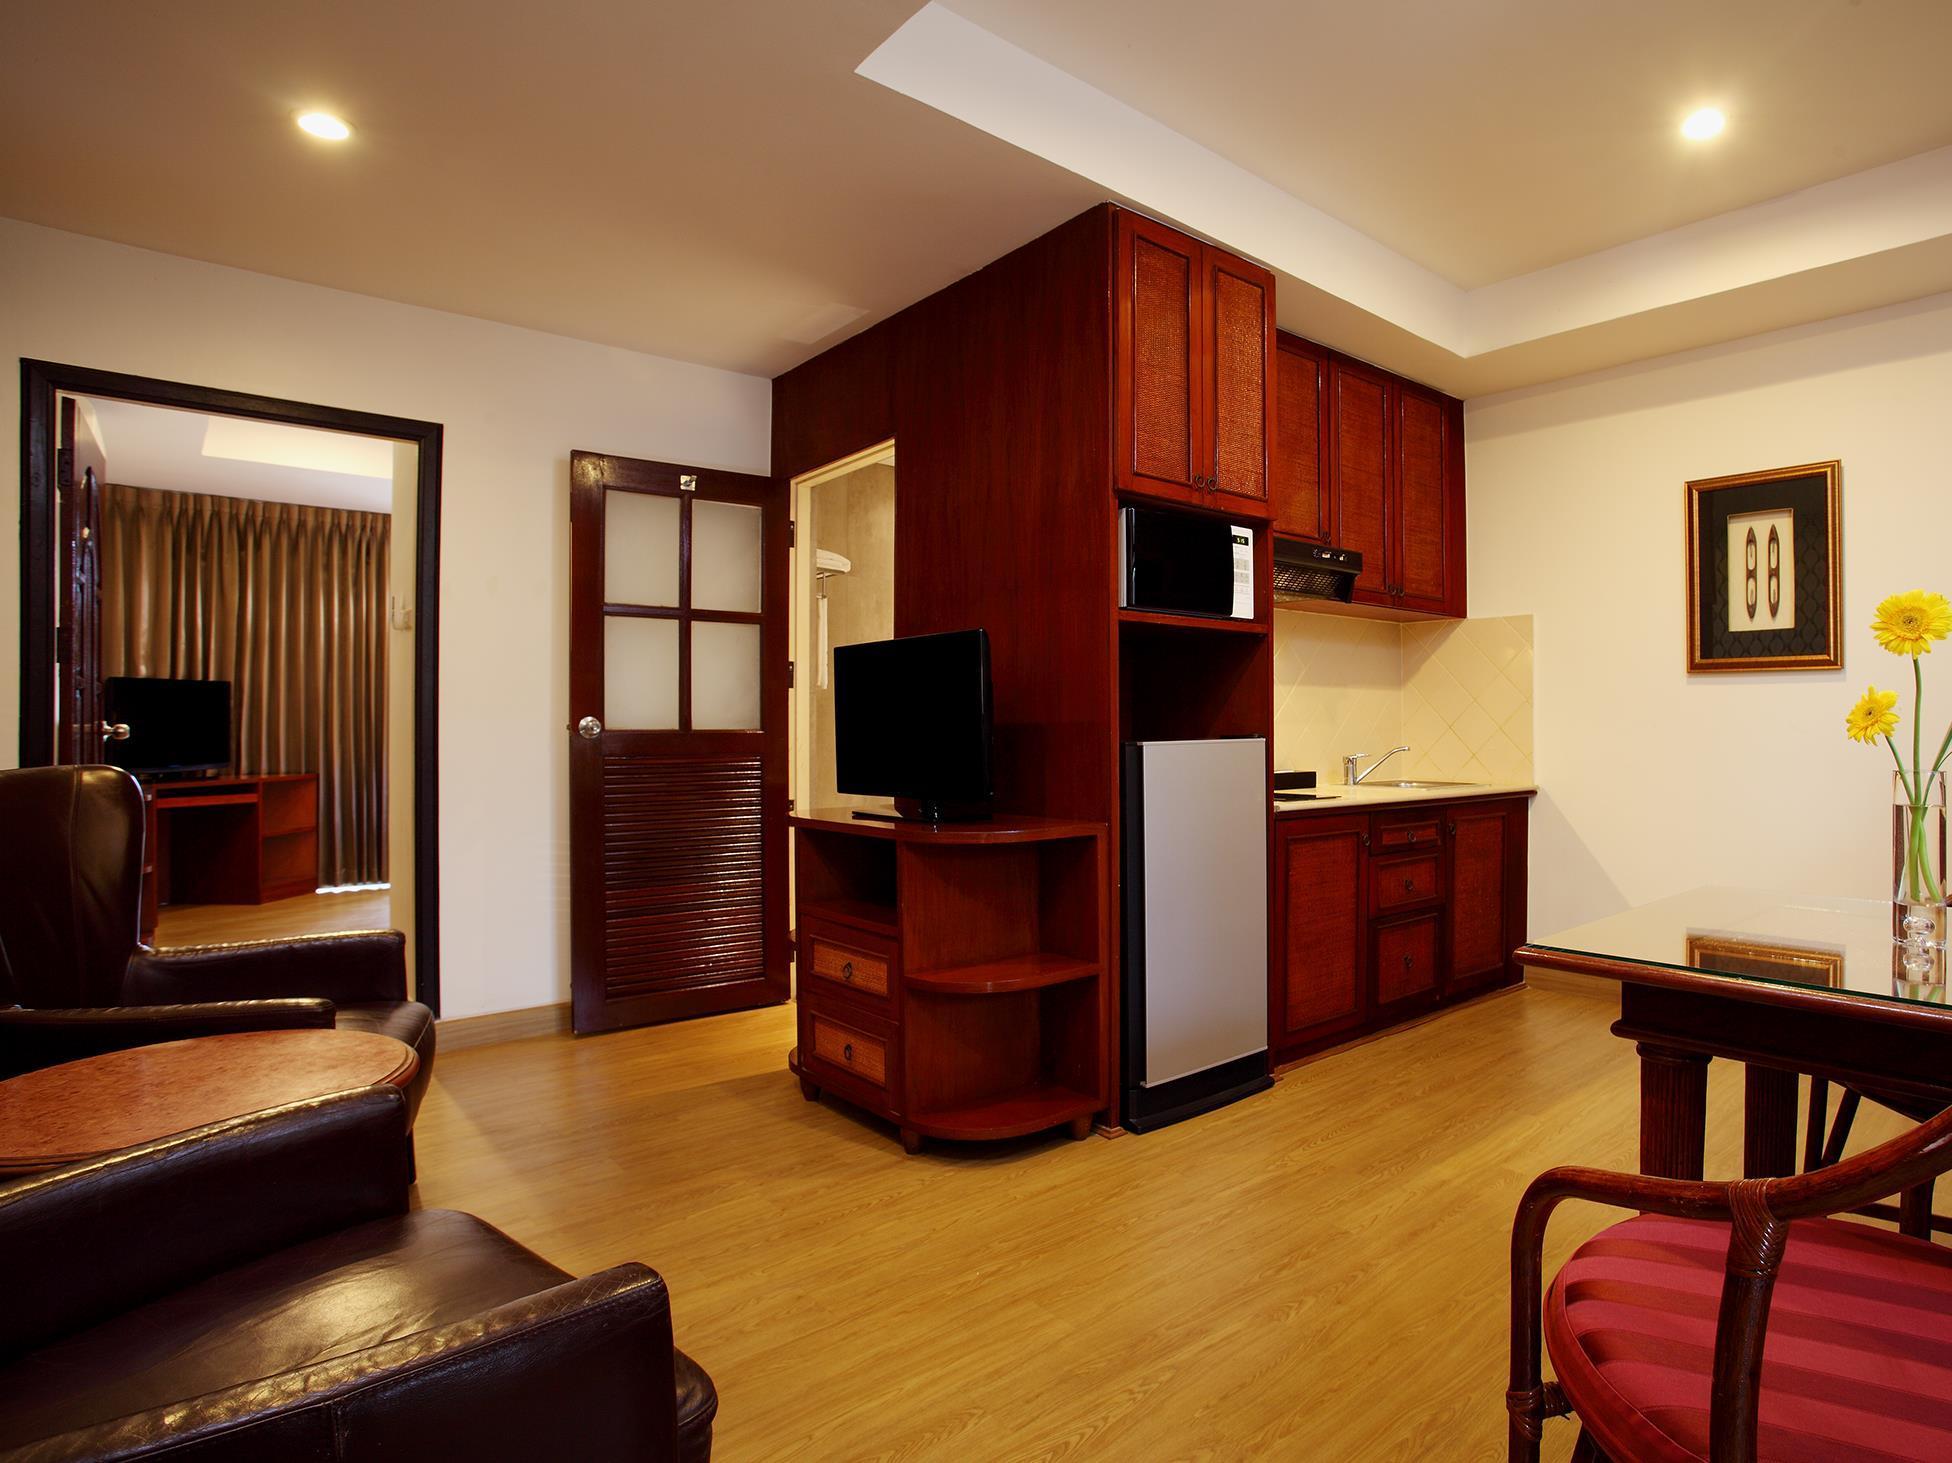 โรงแรมโนวา พาร์ค